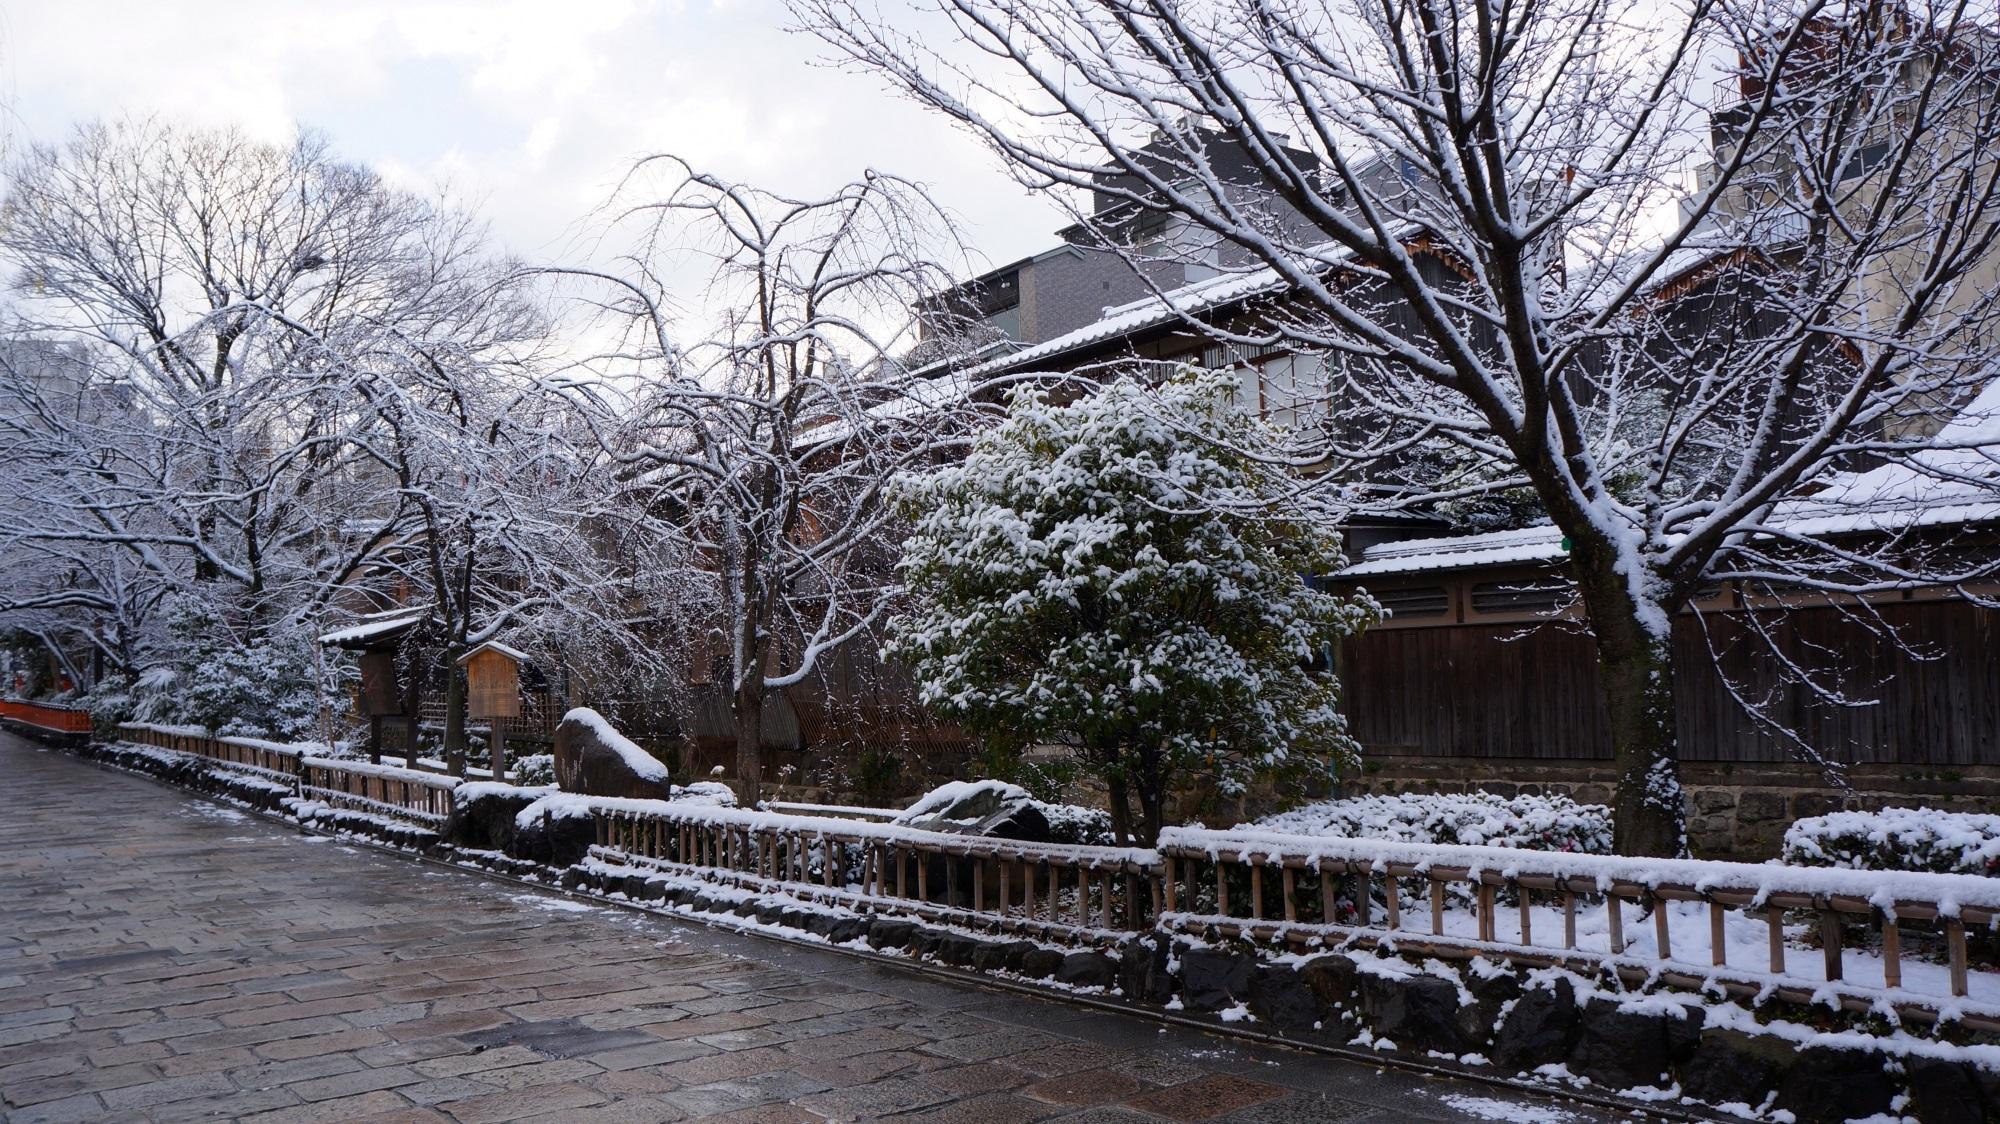 祇園白川 雪 古風な街並みと情緒ある冬景色